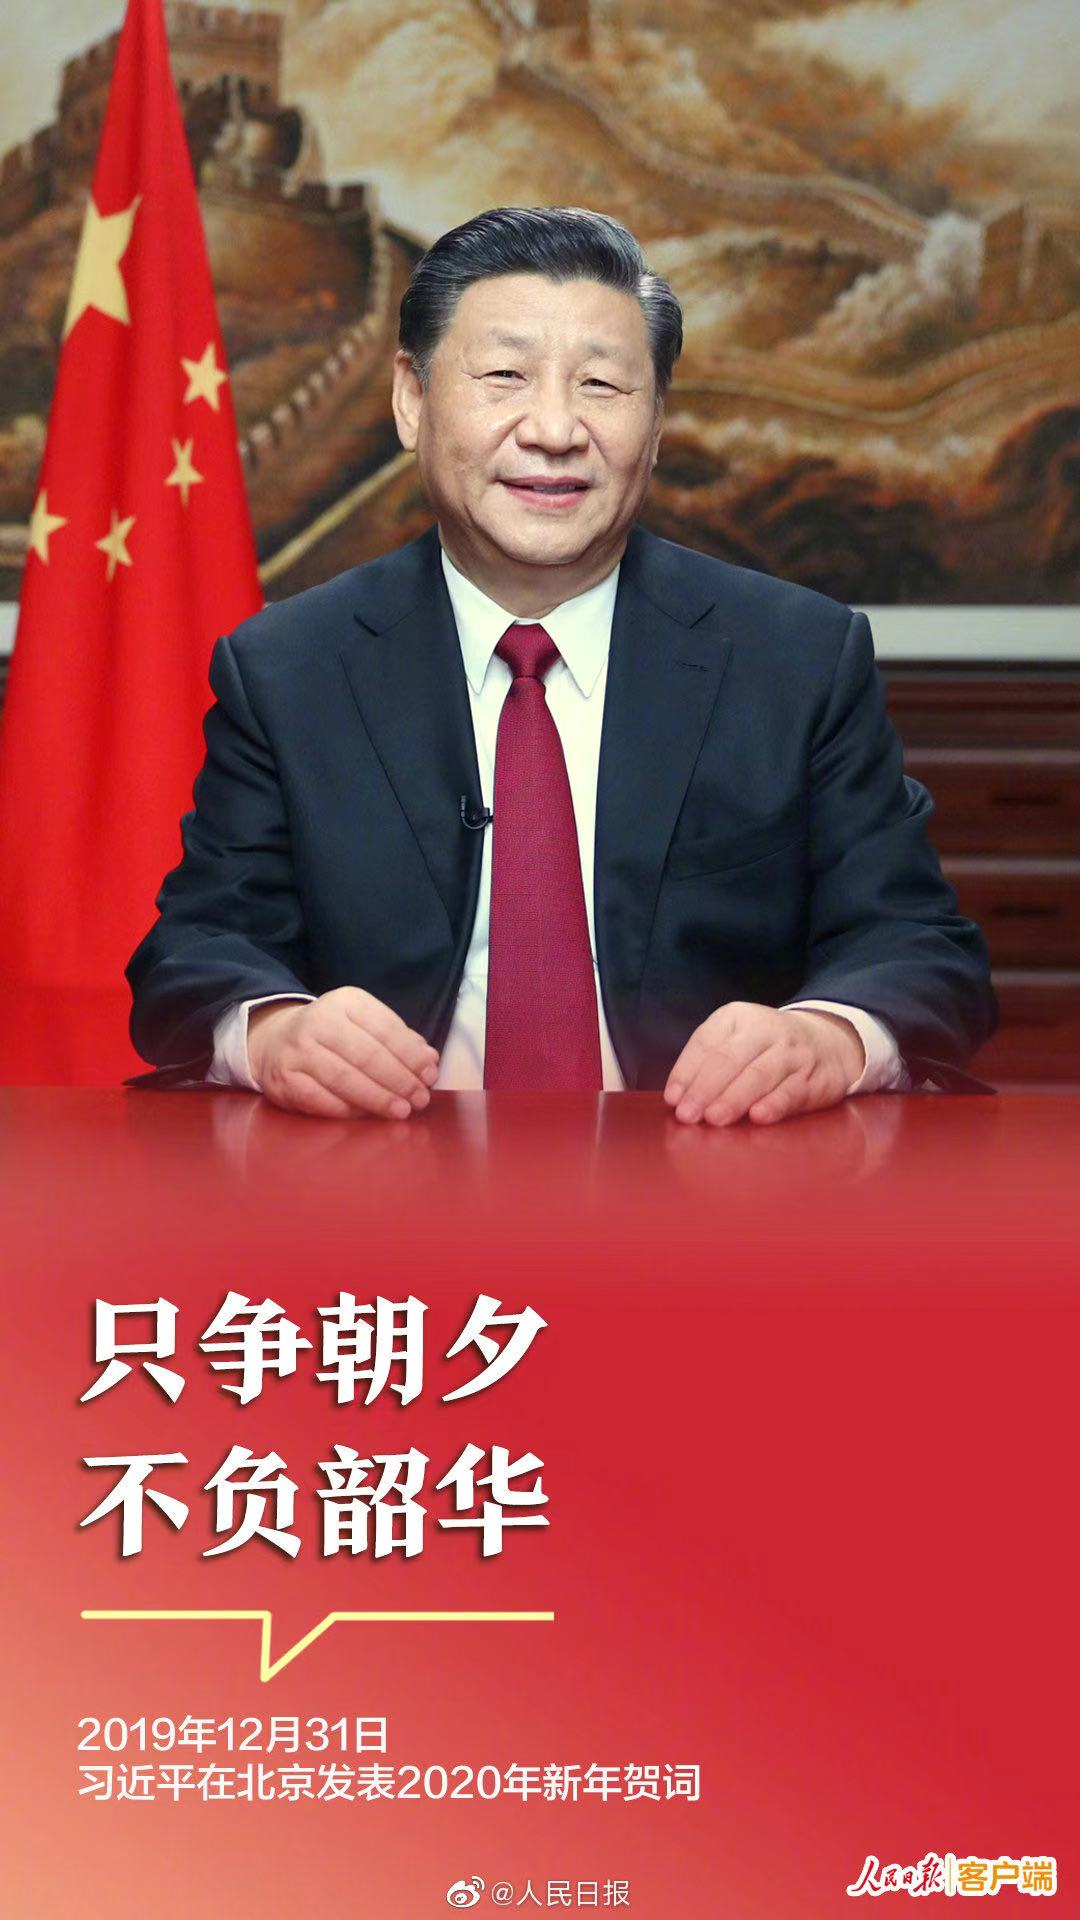 华政律师事务所2020新年献词